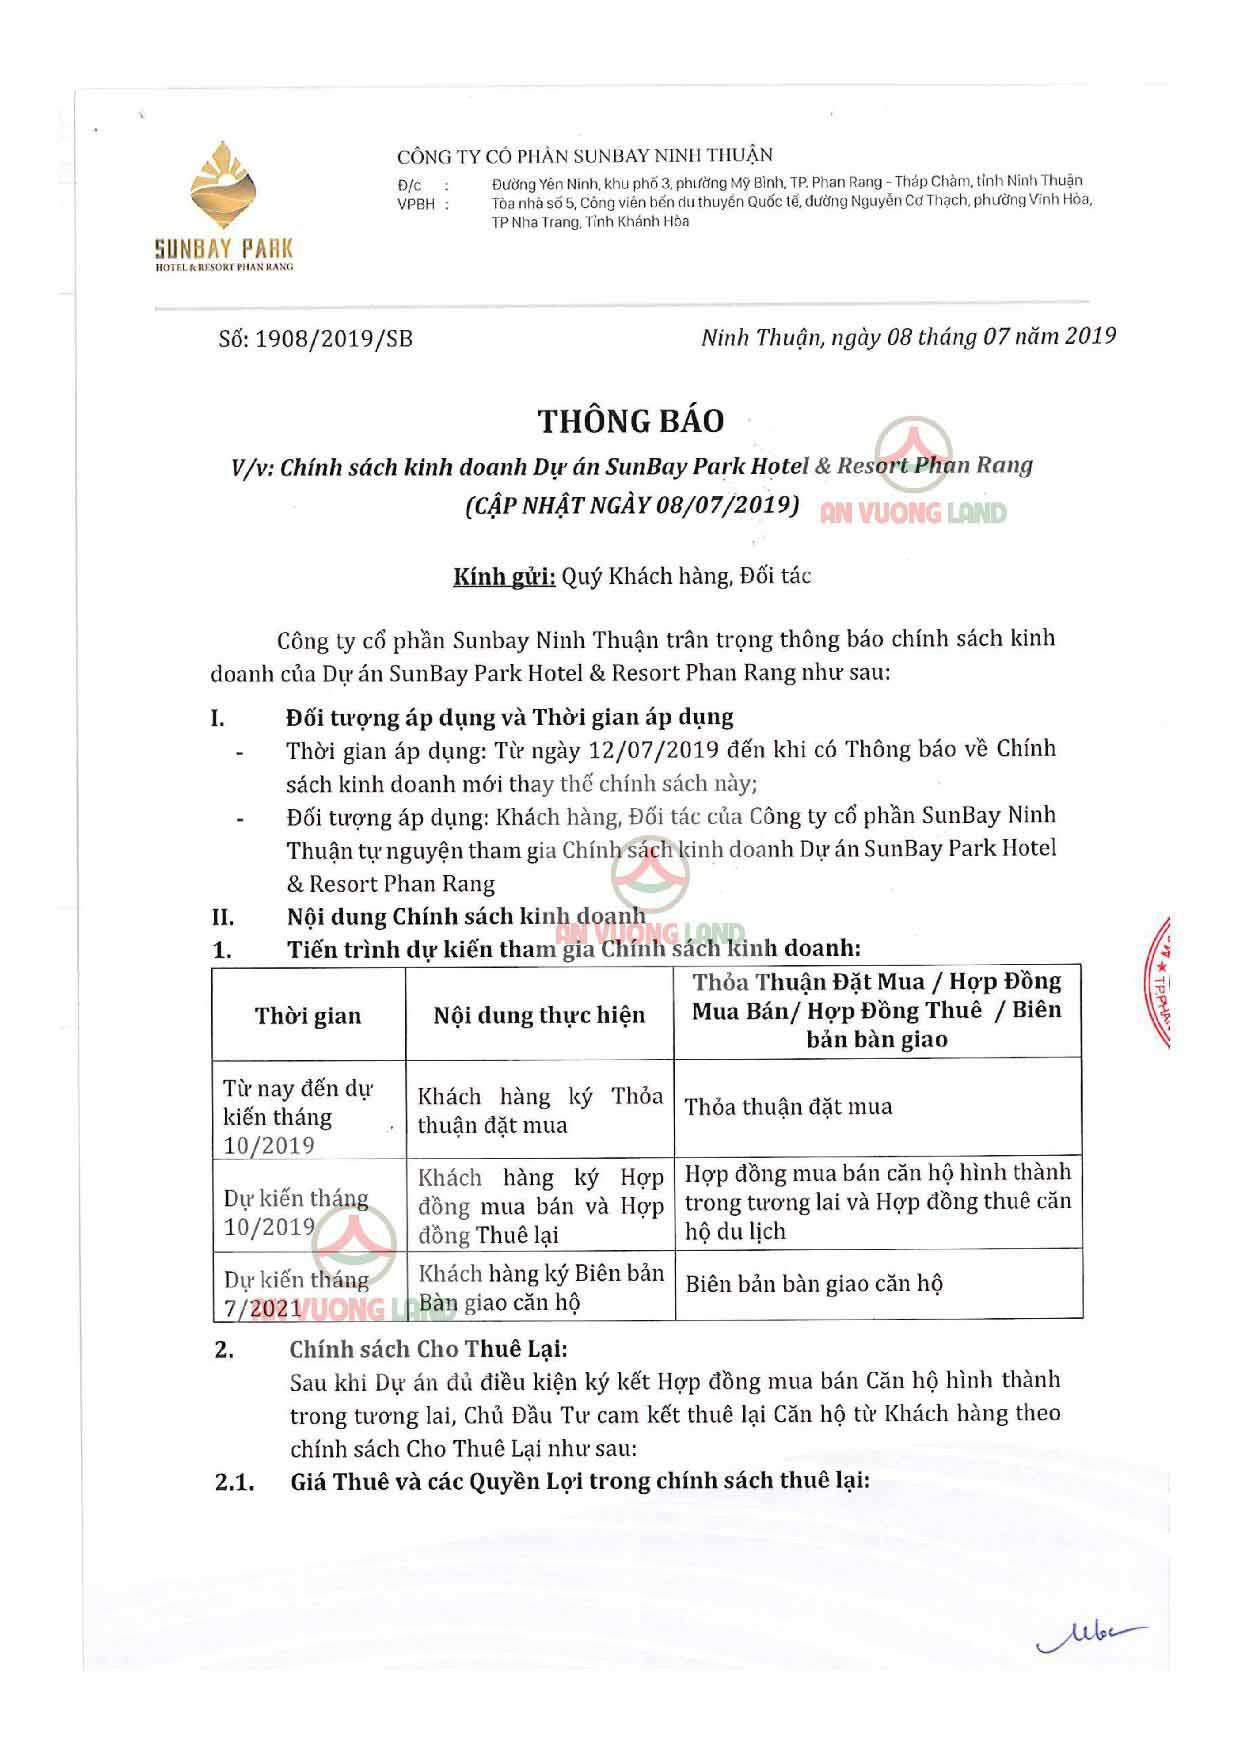 Chính sách bán hàng Sunbay Park Phan Rang Ninh Thuận (1)